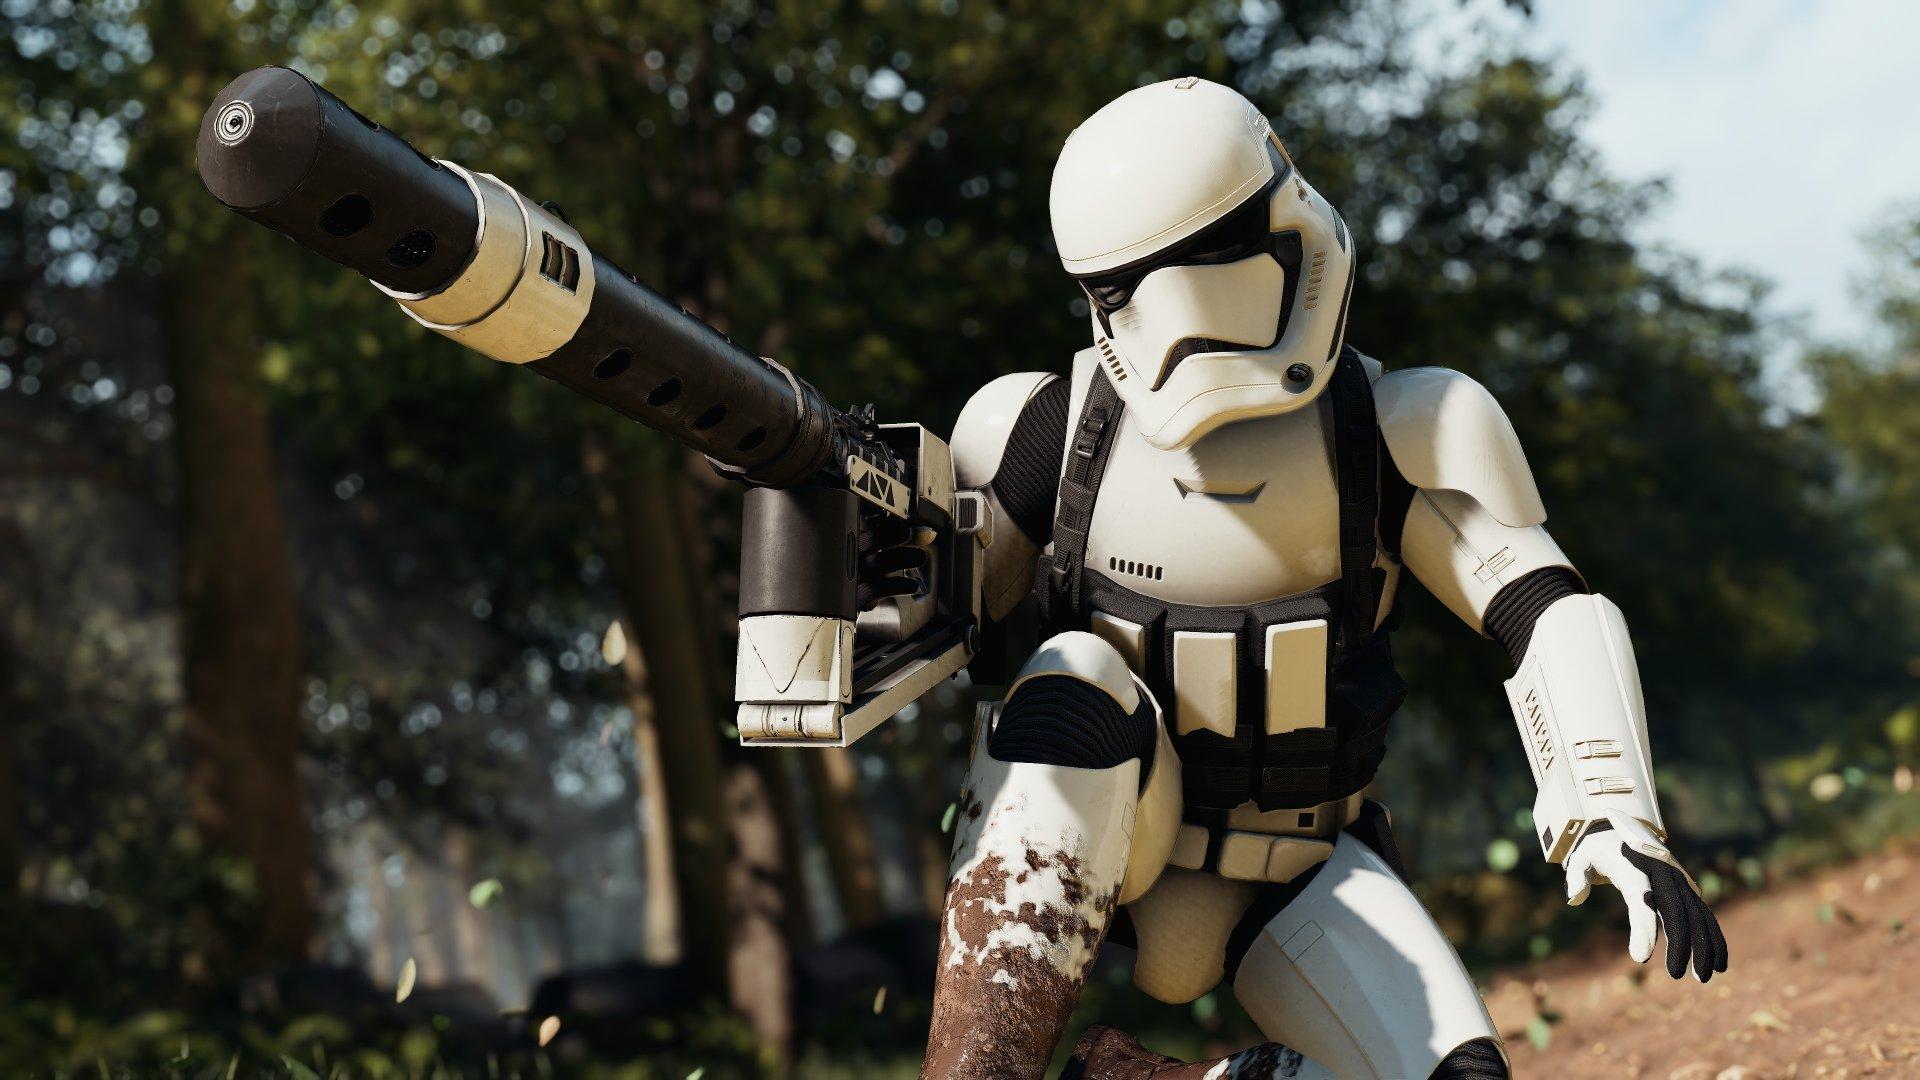 Star Wars Battlefront II (2017) 4k Ultra HD Wallpaper ...